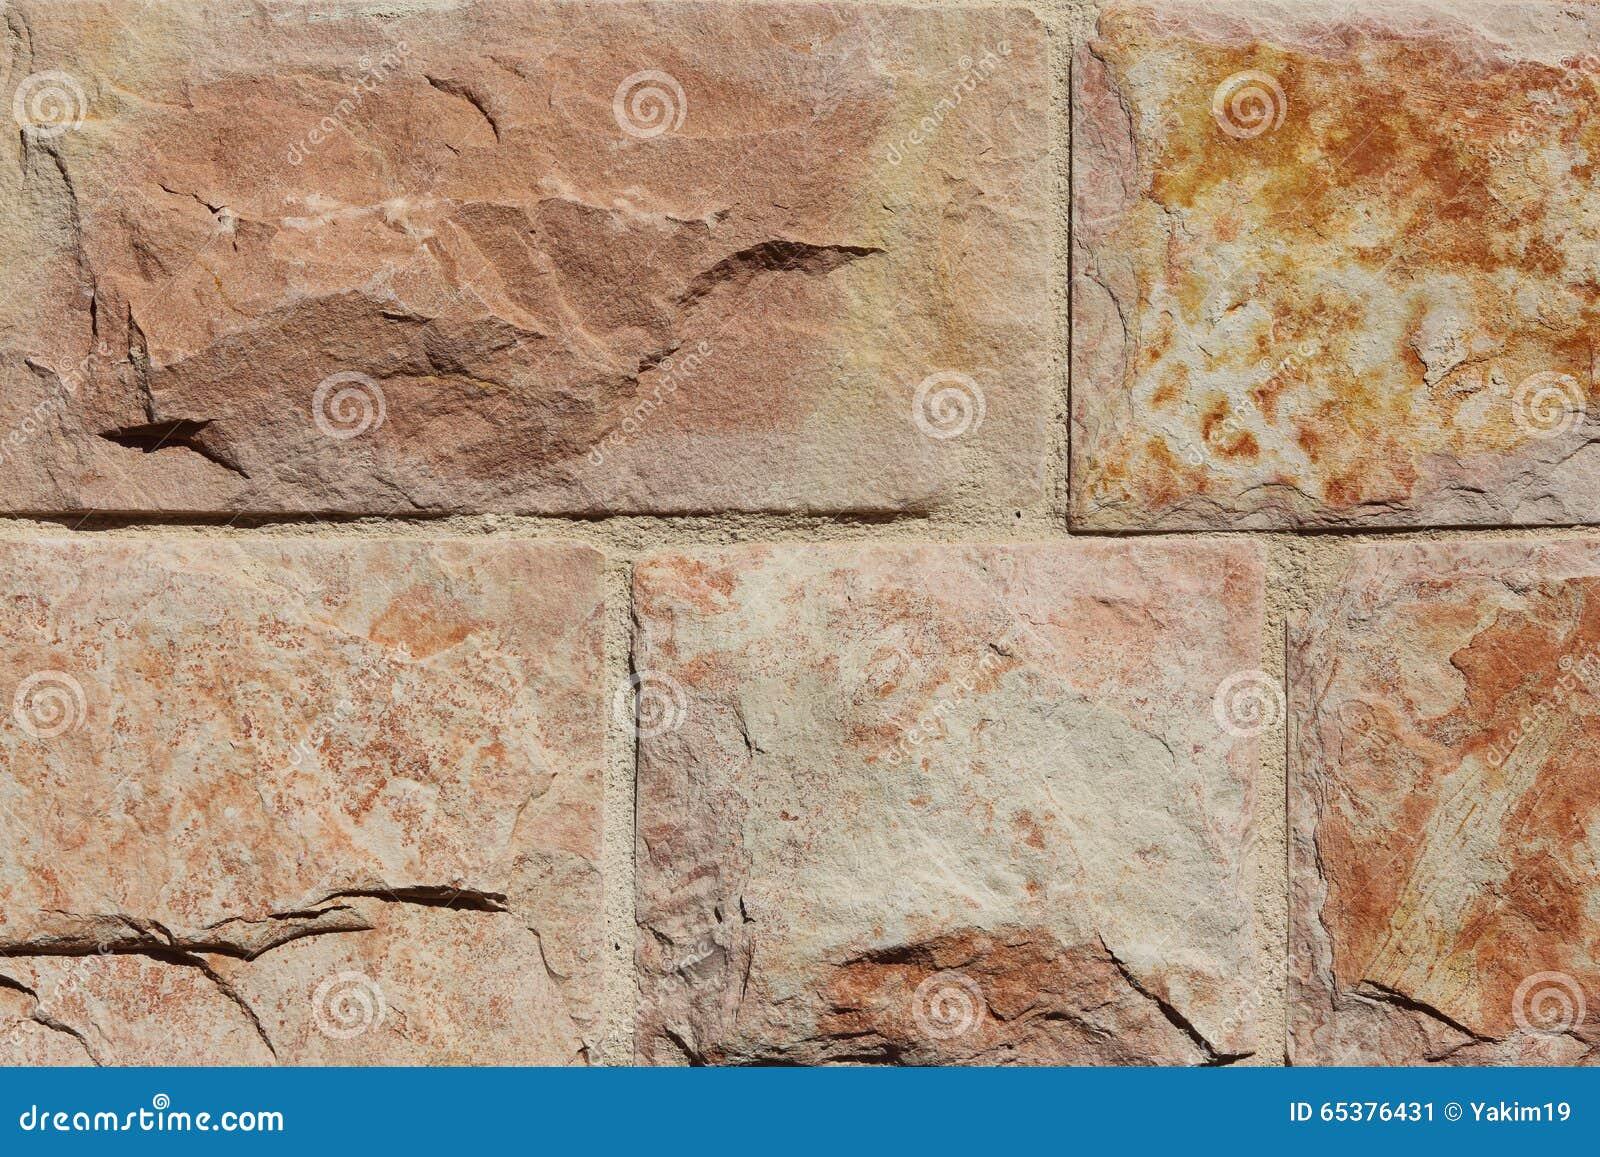 Un fragmento del recubrimiento de paredes imagen de archivo imagen de color grunge 65376431 - Recubrimientos de paredes ...